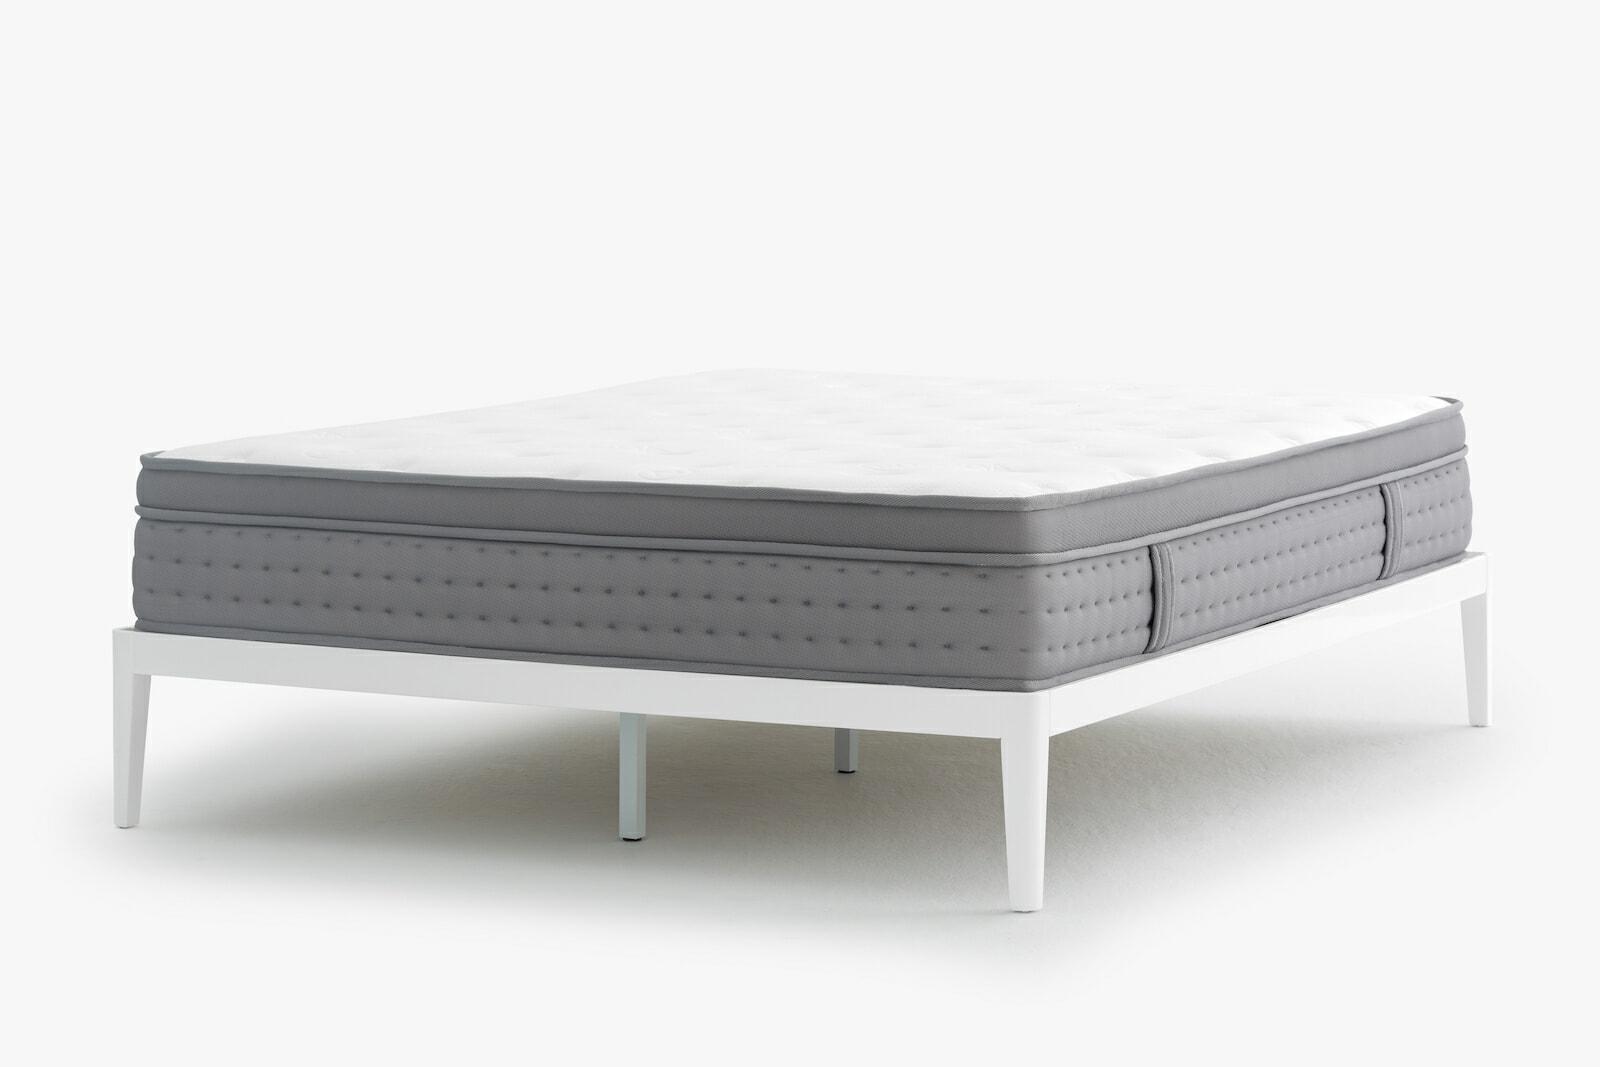 The Noa mattress